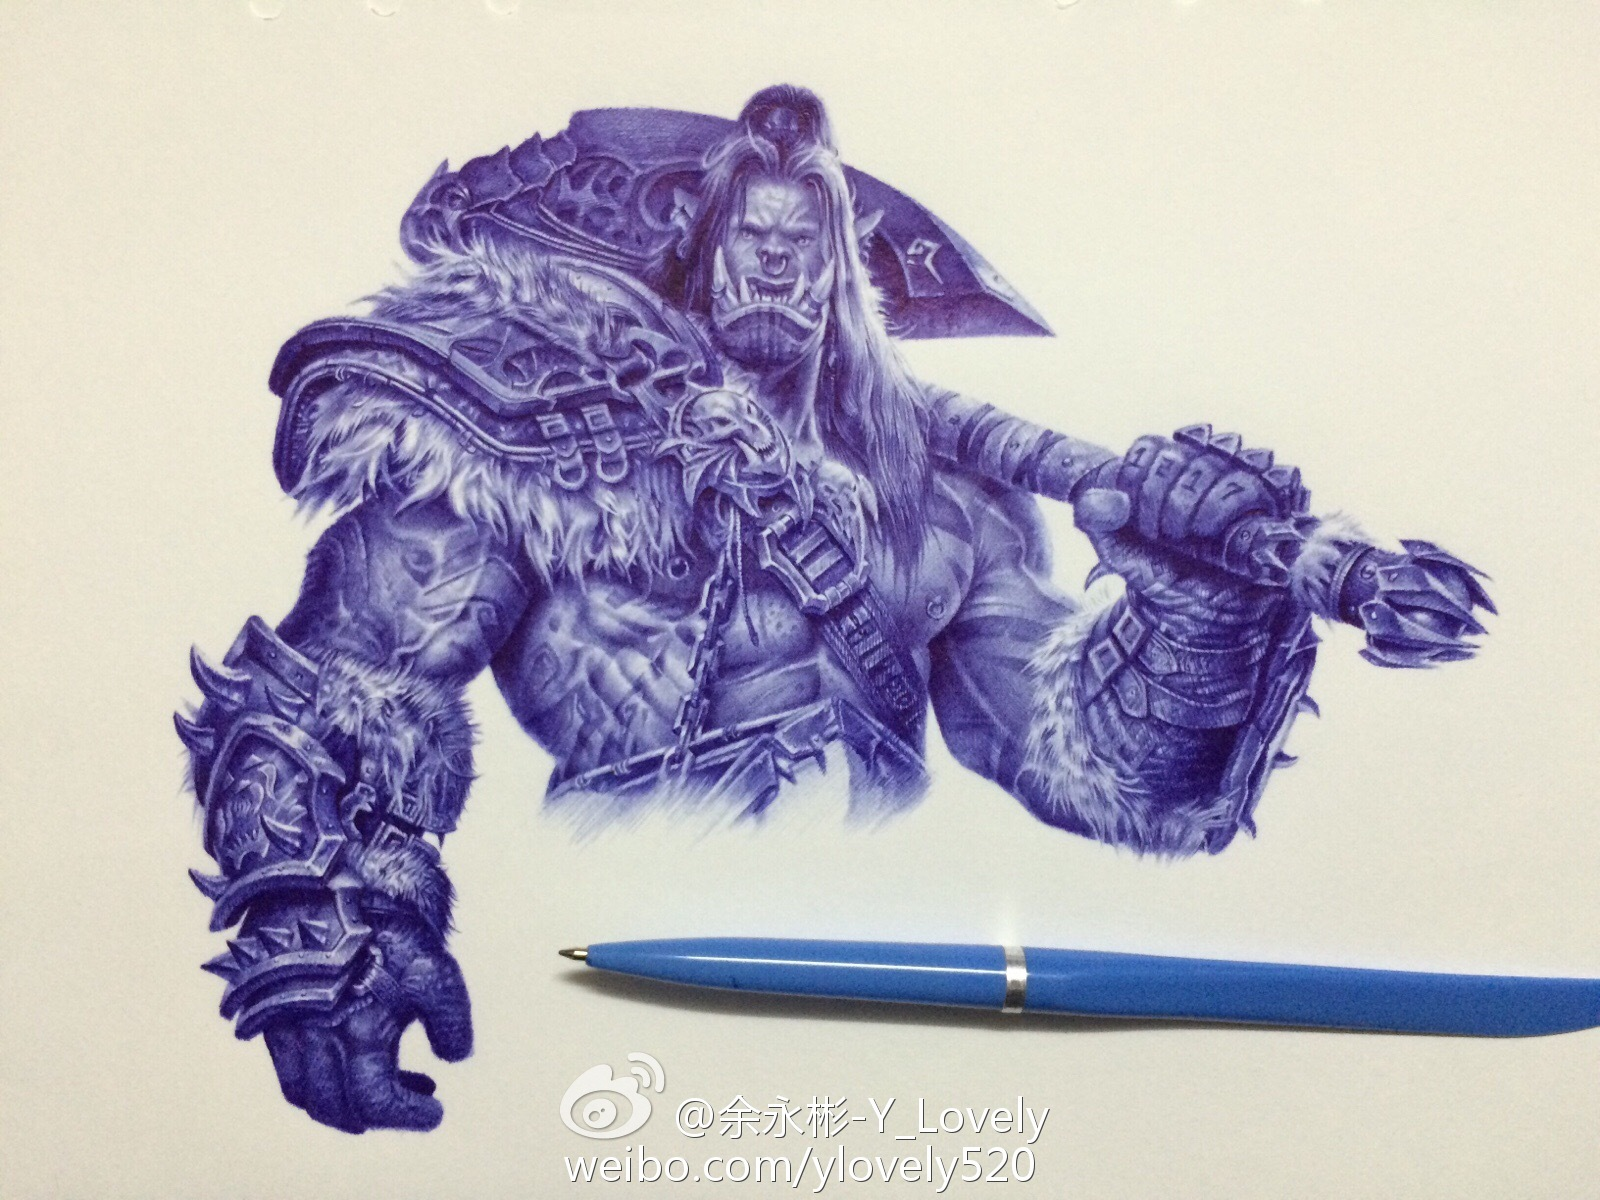 大触魔兽玩家圆珠笔手绘:战歌督军 地狱咆哮